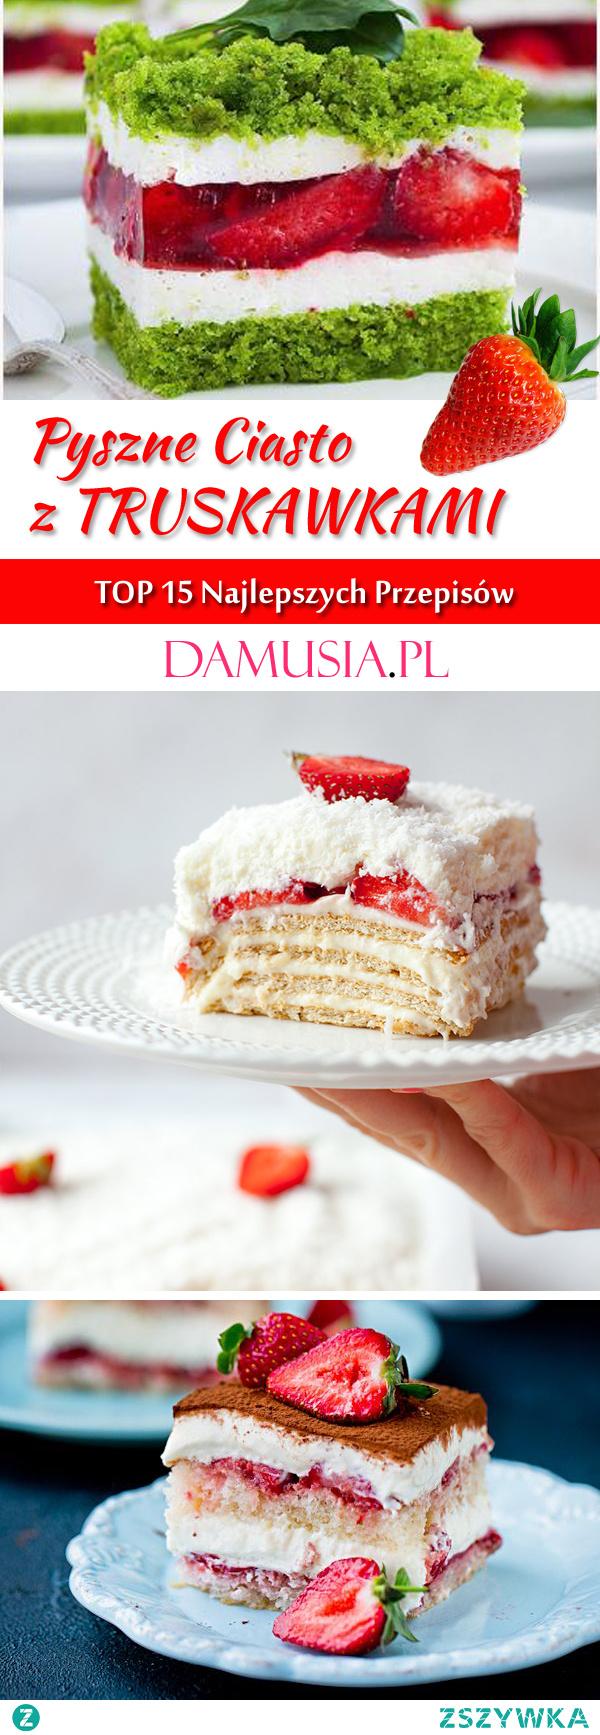 Domowe Ciasto Truskawkowe – TOP 15 Najlepszych Przepisów na Pyszne Ciasto z Truskawkami